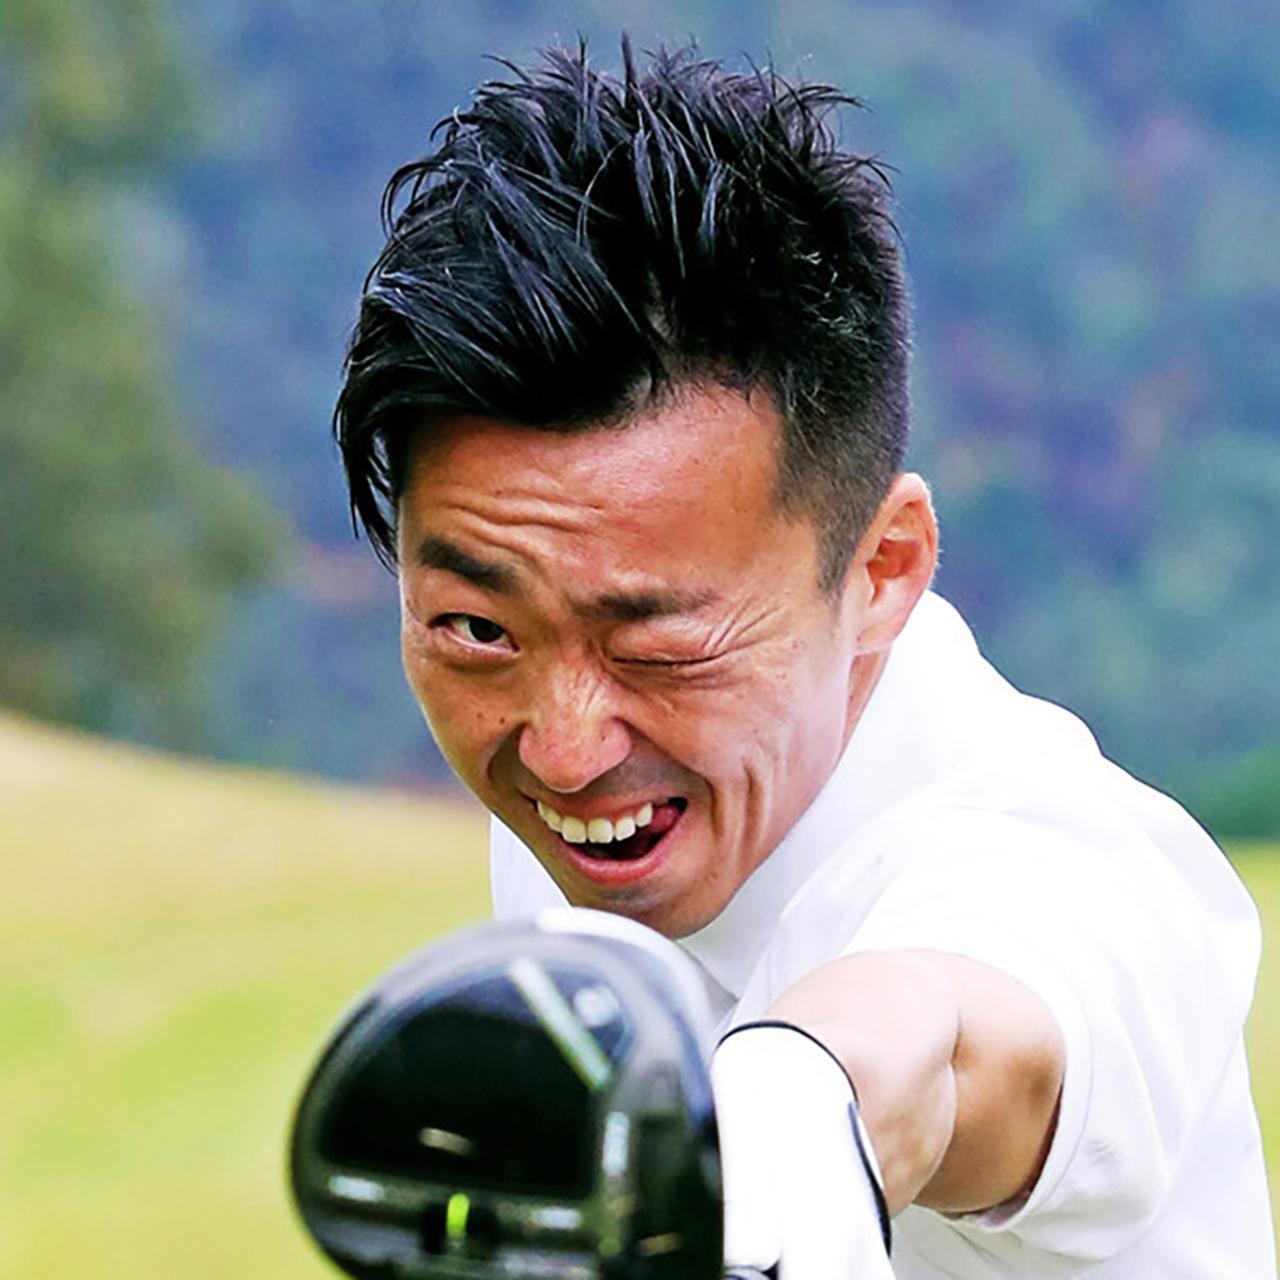 画像: 【解説】武市悦宏プロ たけいちえつひろ。43歳岐阜県出身。分かりやすいレッスンがモットー。2013年レッスン・オブ・ザ・イヤー受賞。